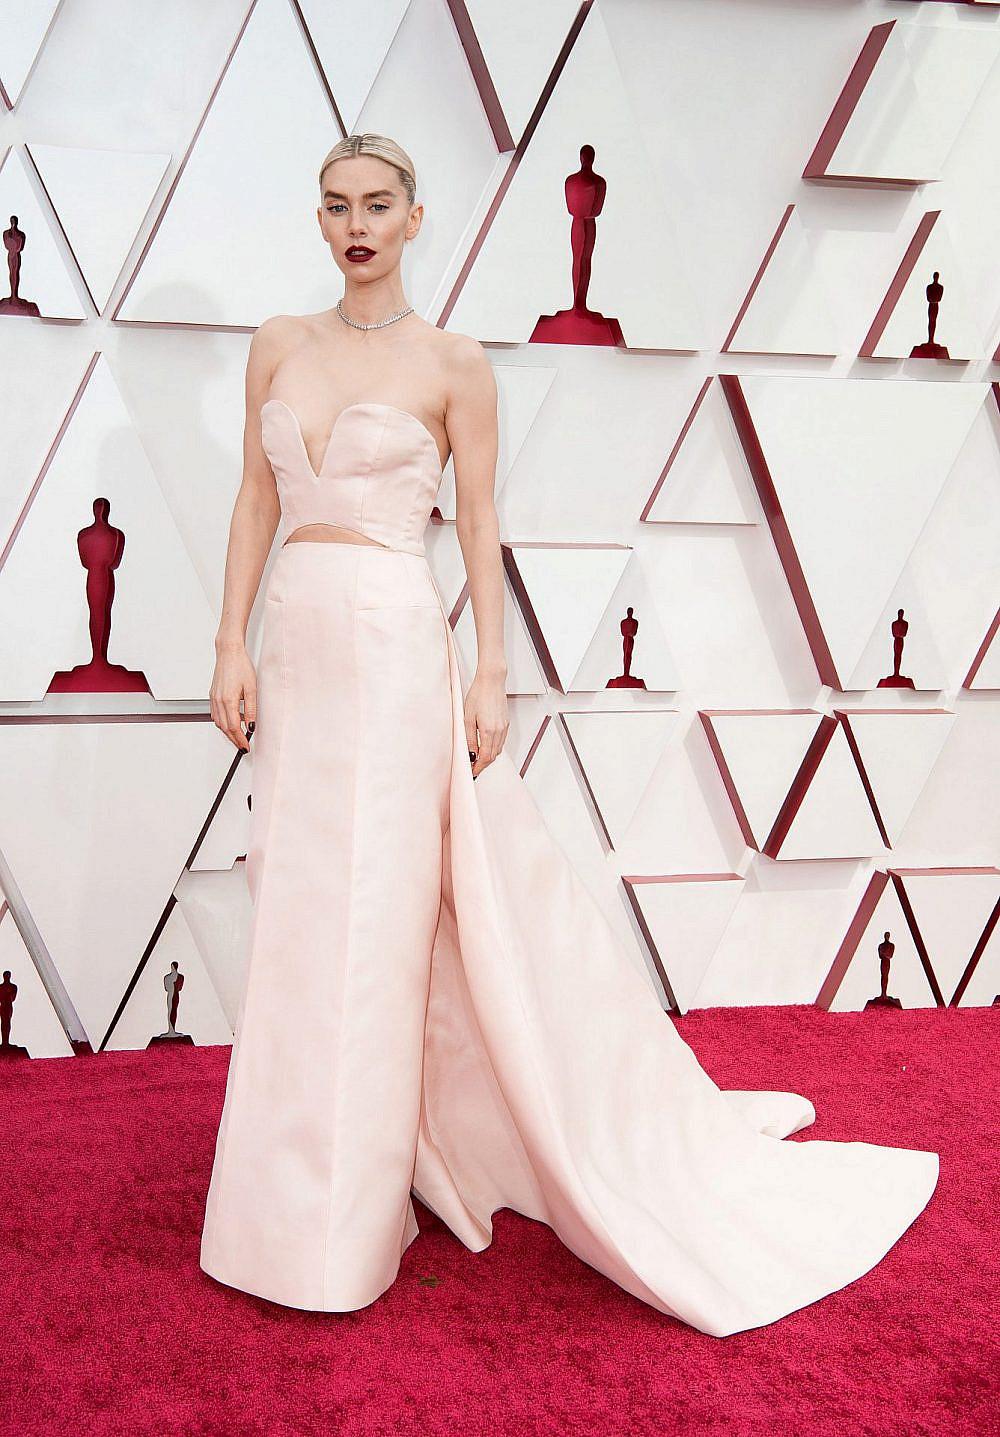 ונסה קירבי בשמלה של גוצ'י   צילום: Matt Petit/A.M.P.A.S. via Getty Images